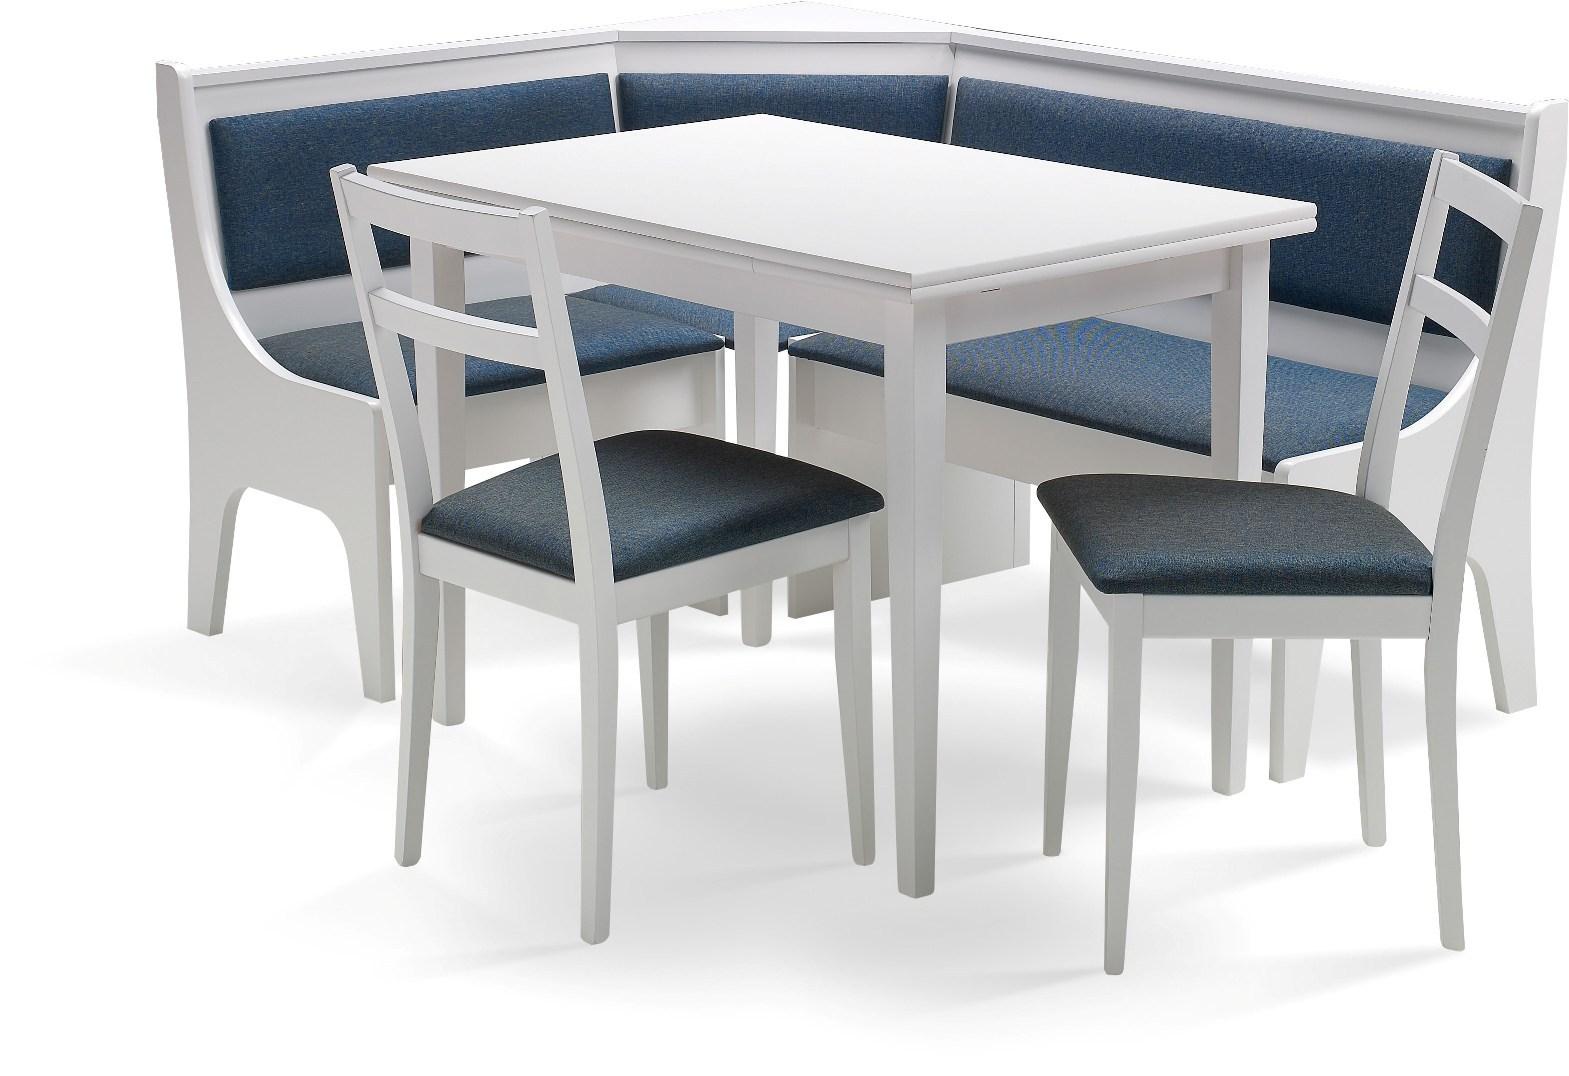 trissed banc d 39 angle badia bancs. Black Bedroom Furniture Sets. Home Design Ideas